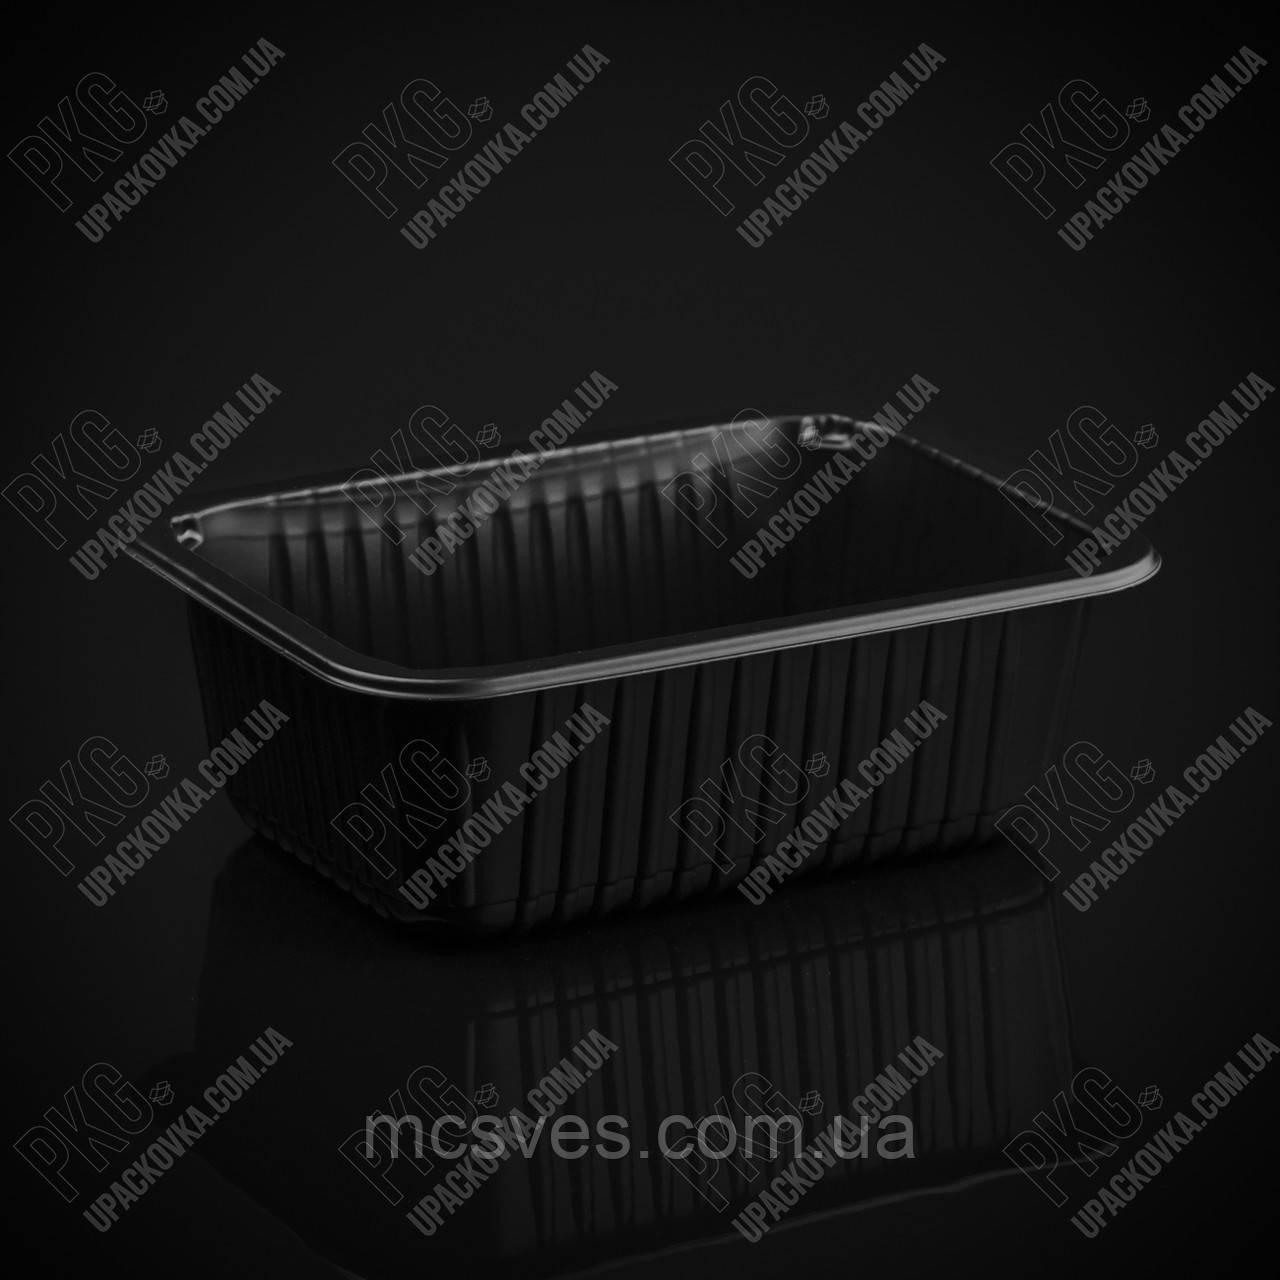 Контейнер УК-503Б, PР, черный, 1100 мл